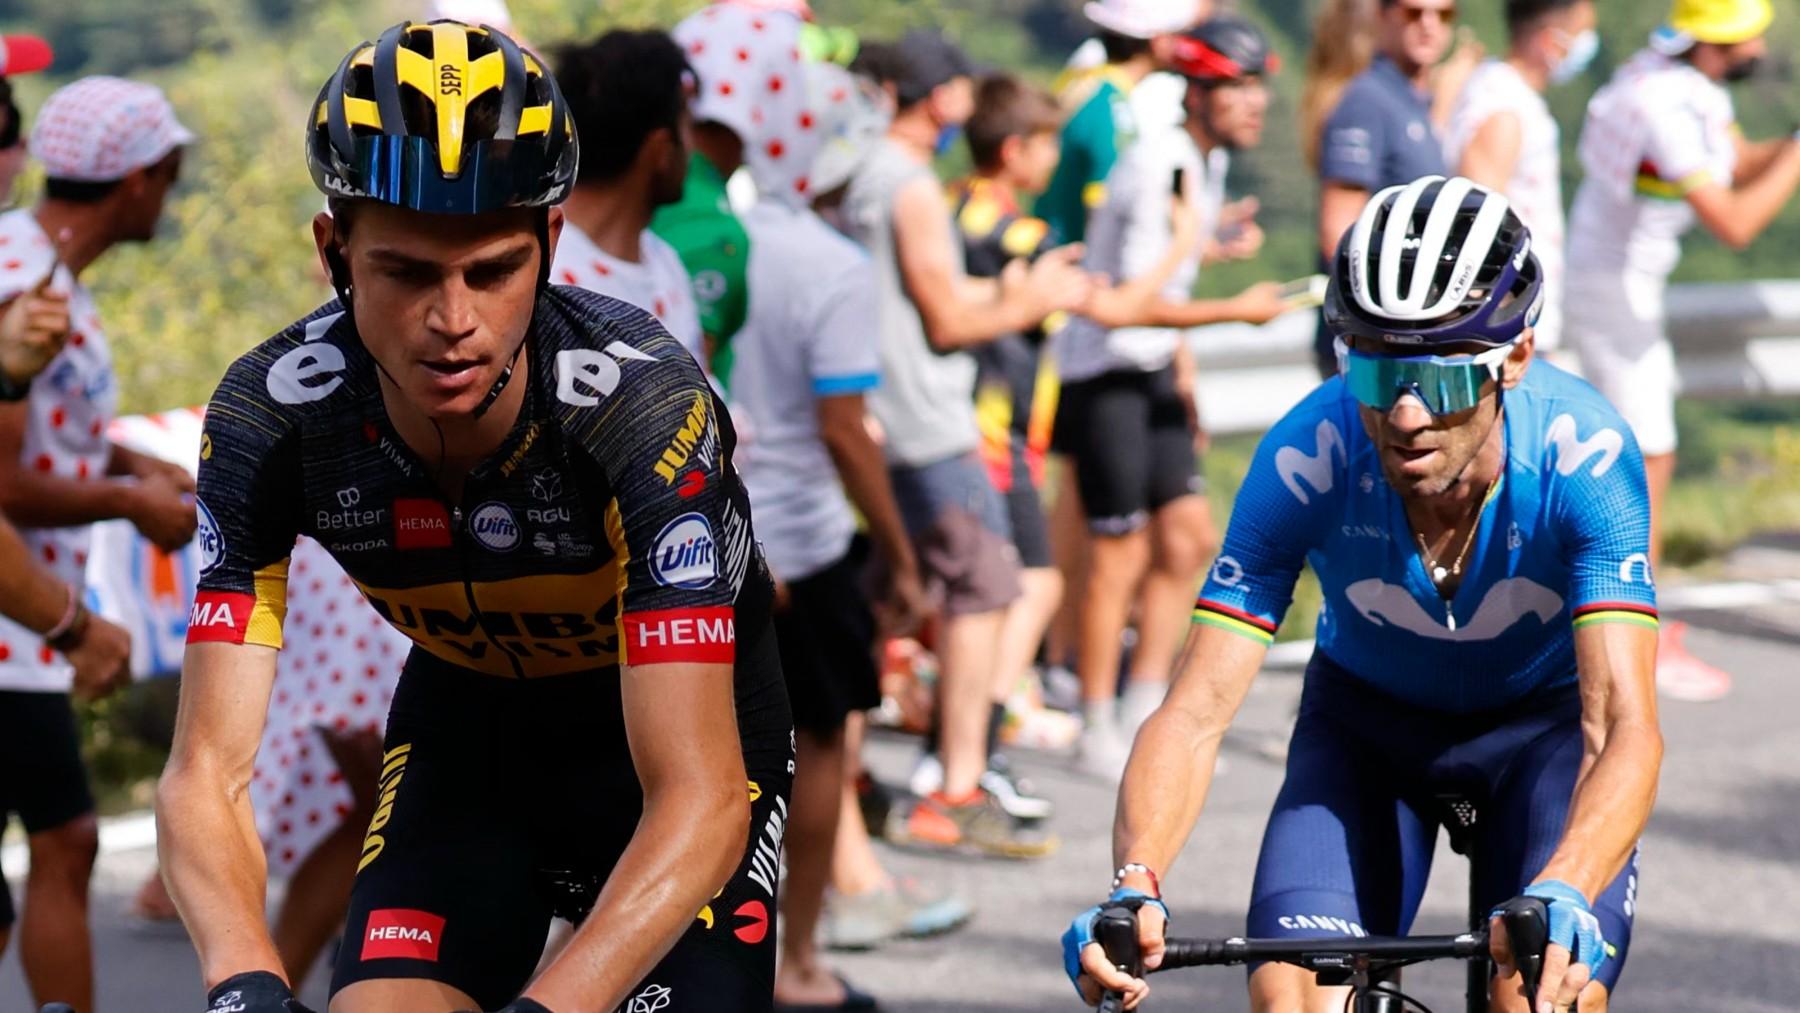 Kuss y Valverde, en la ascensión. (AFP)